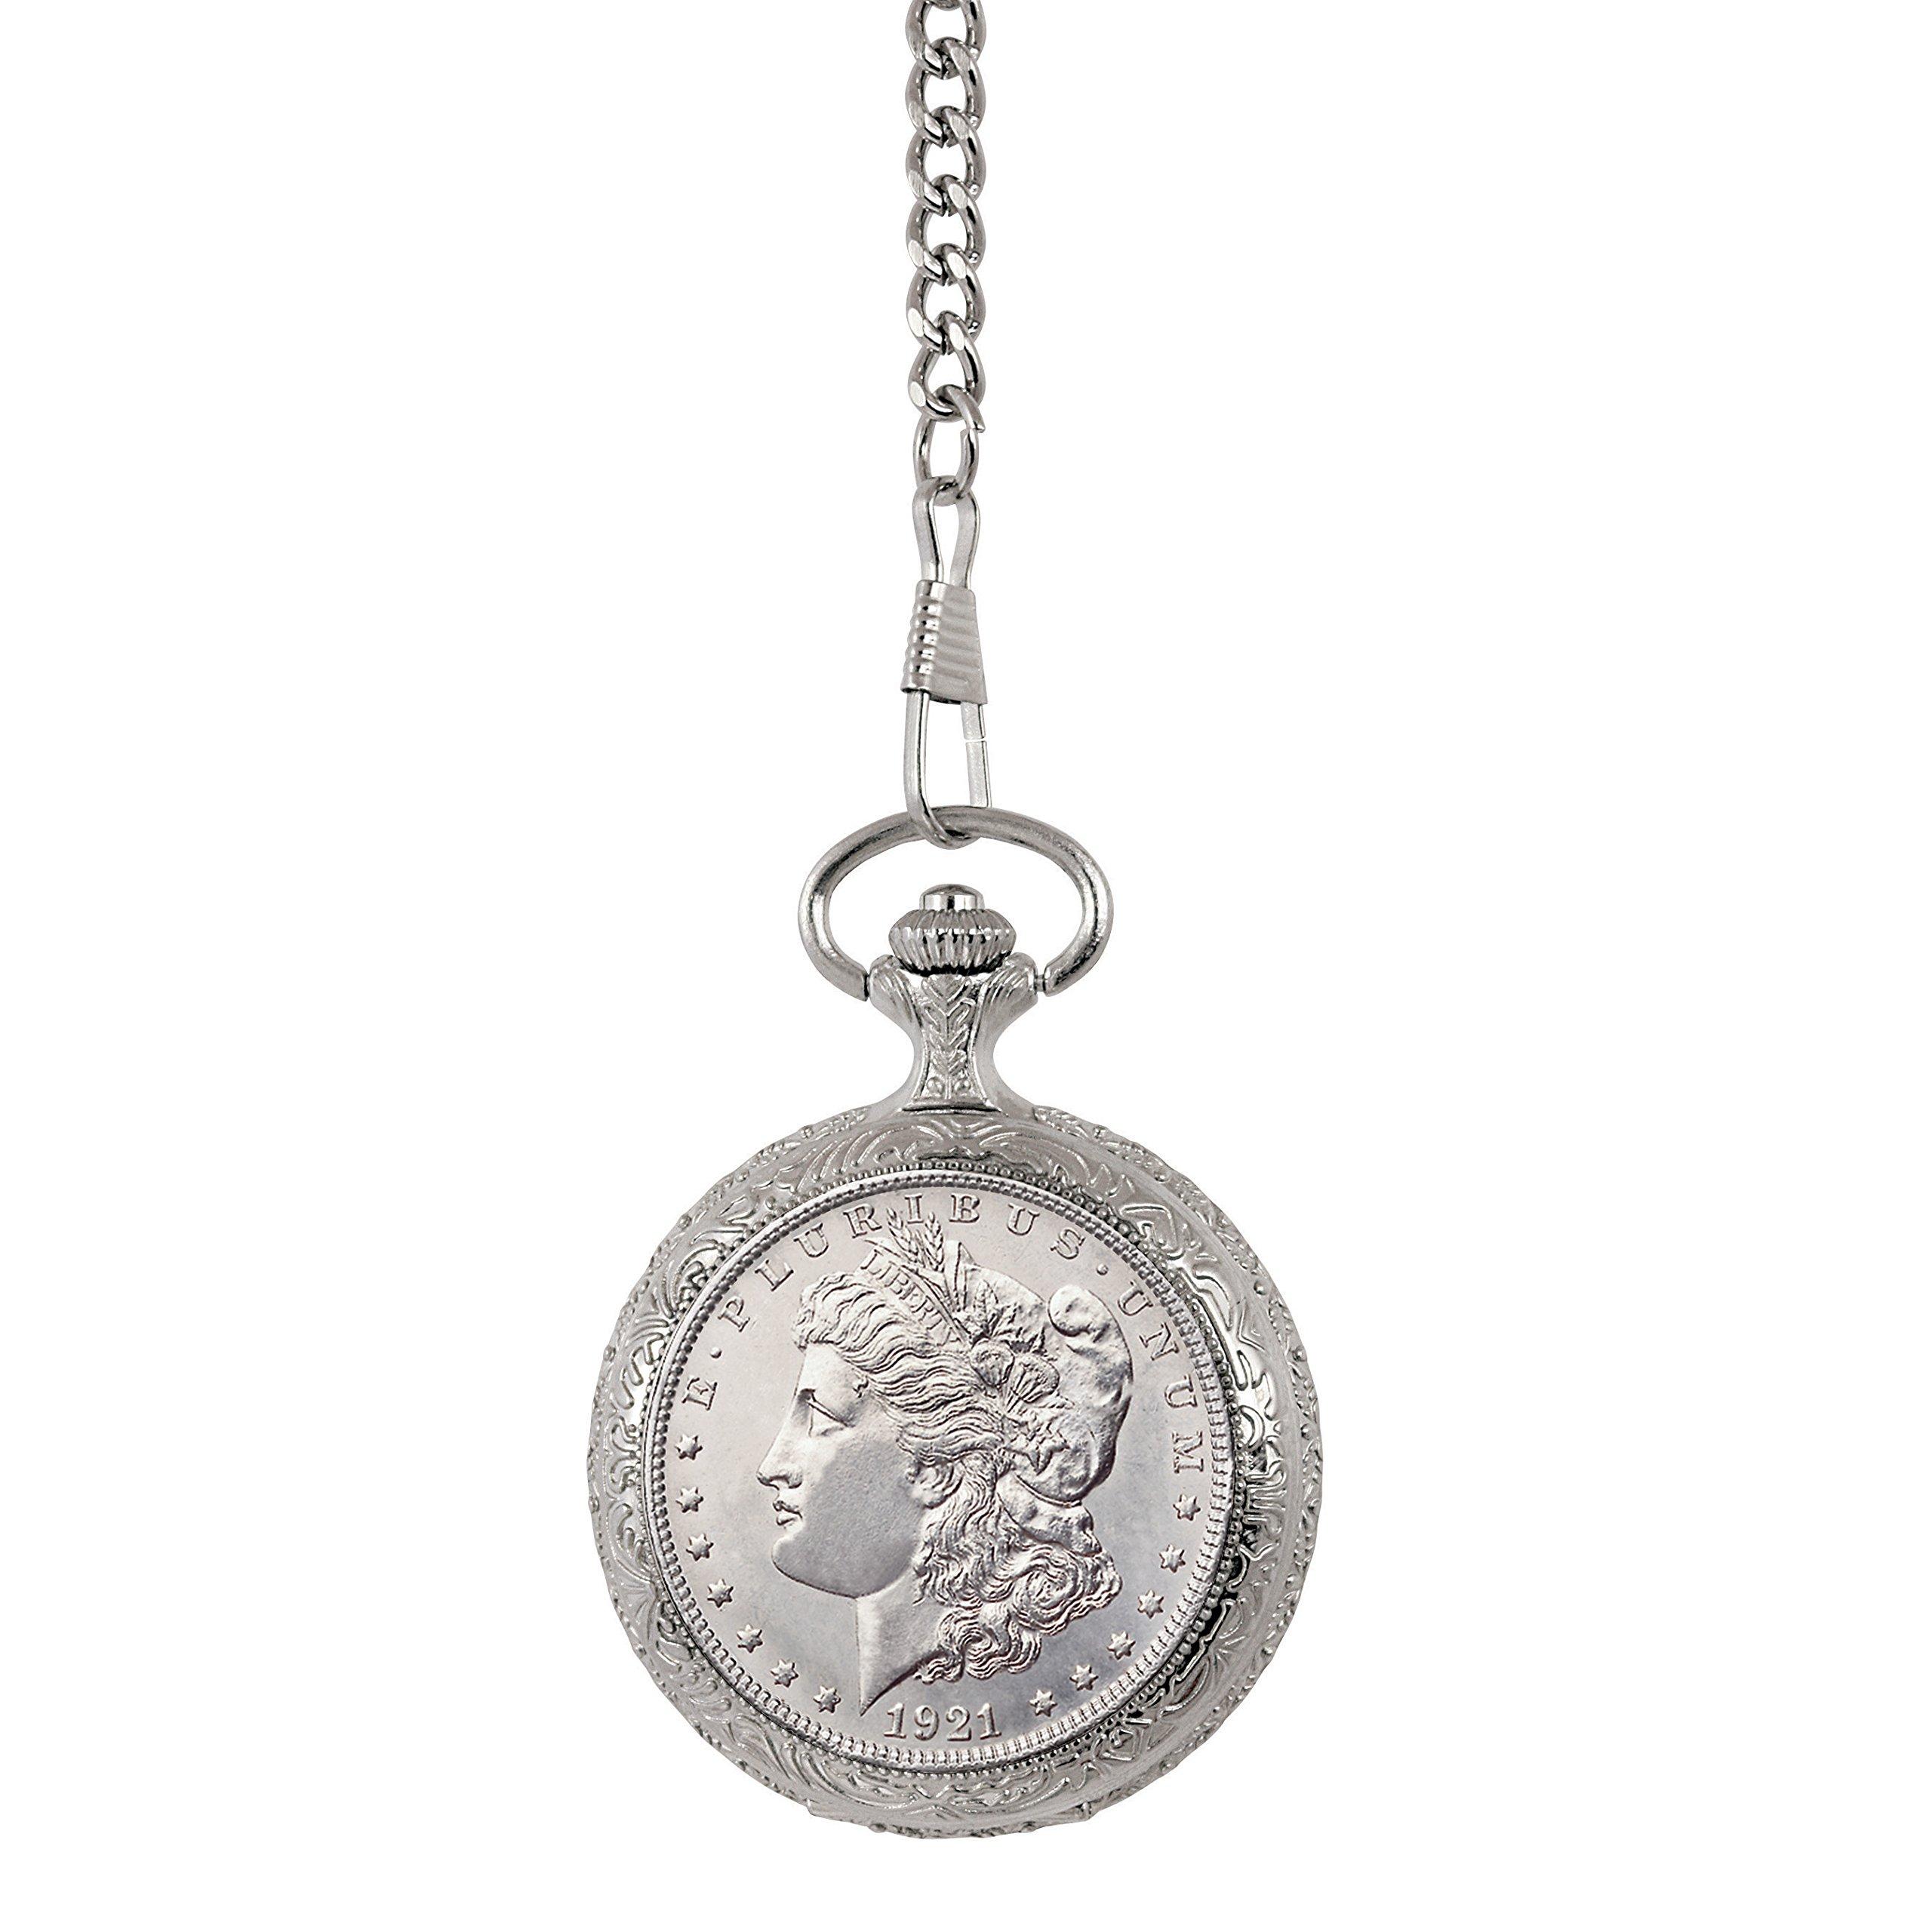 Brilliant Uncirculated Morgan Silver Dollar Pocket Watch by American Coin Treasures